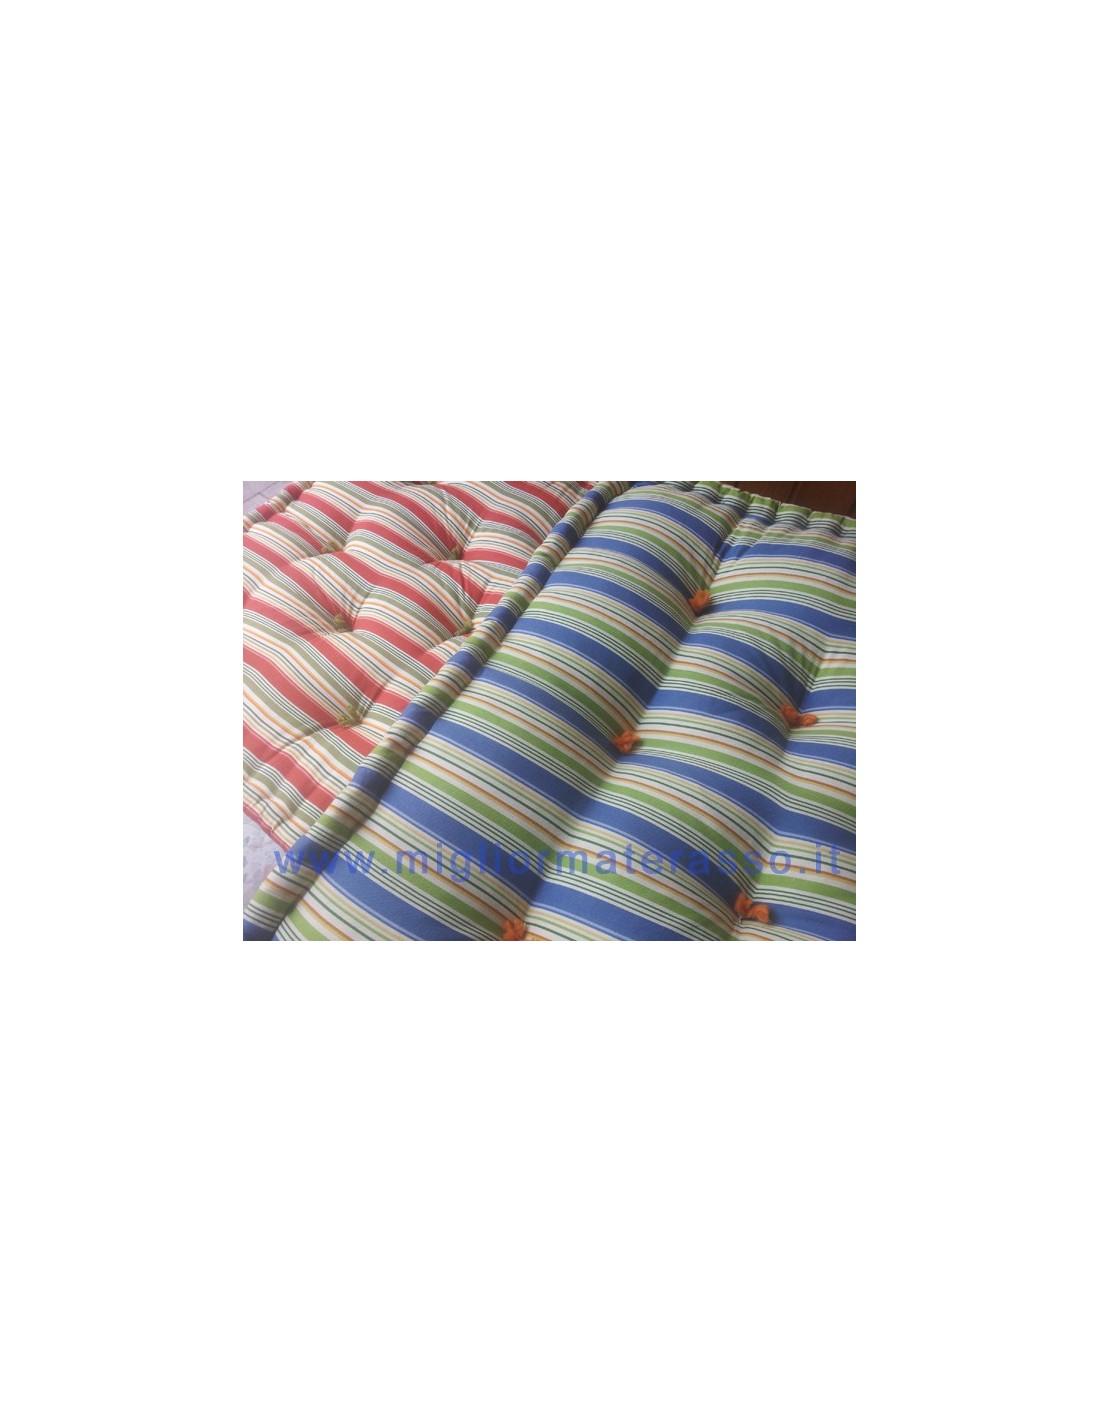 Materassi per divano come cuscini colorati ad uso letto - Materasso per divano letto ikea ...